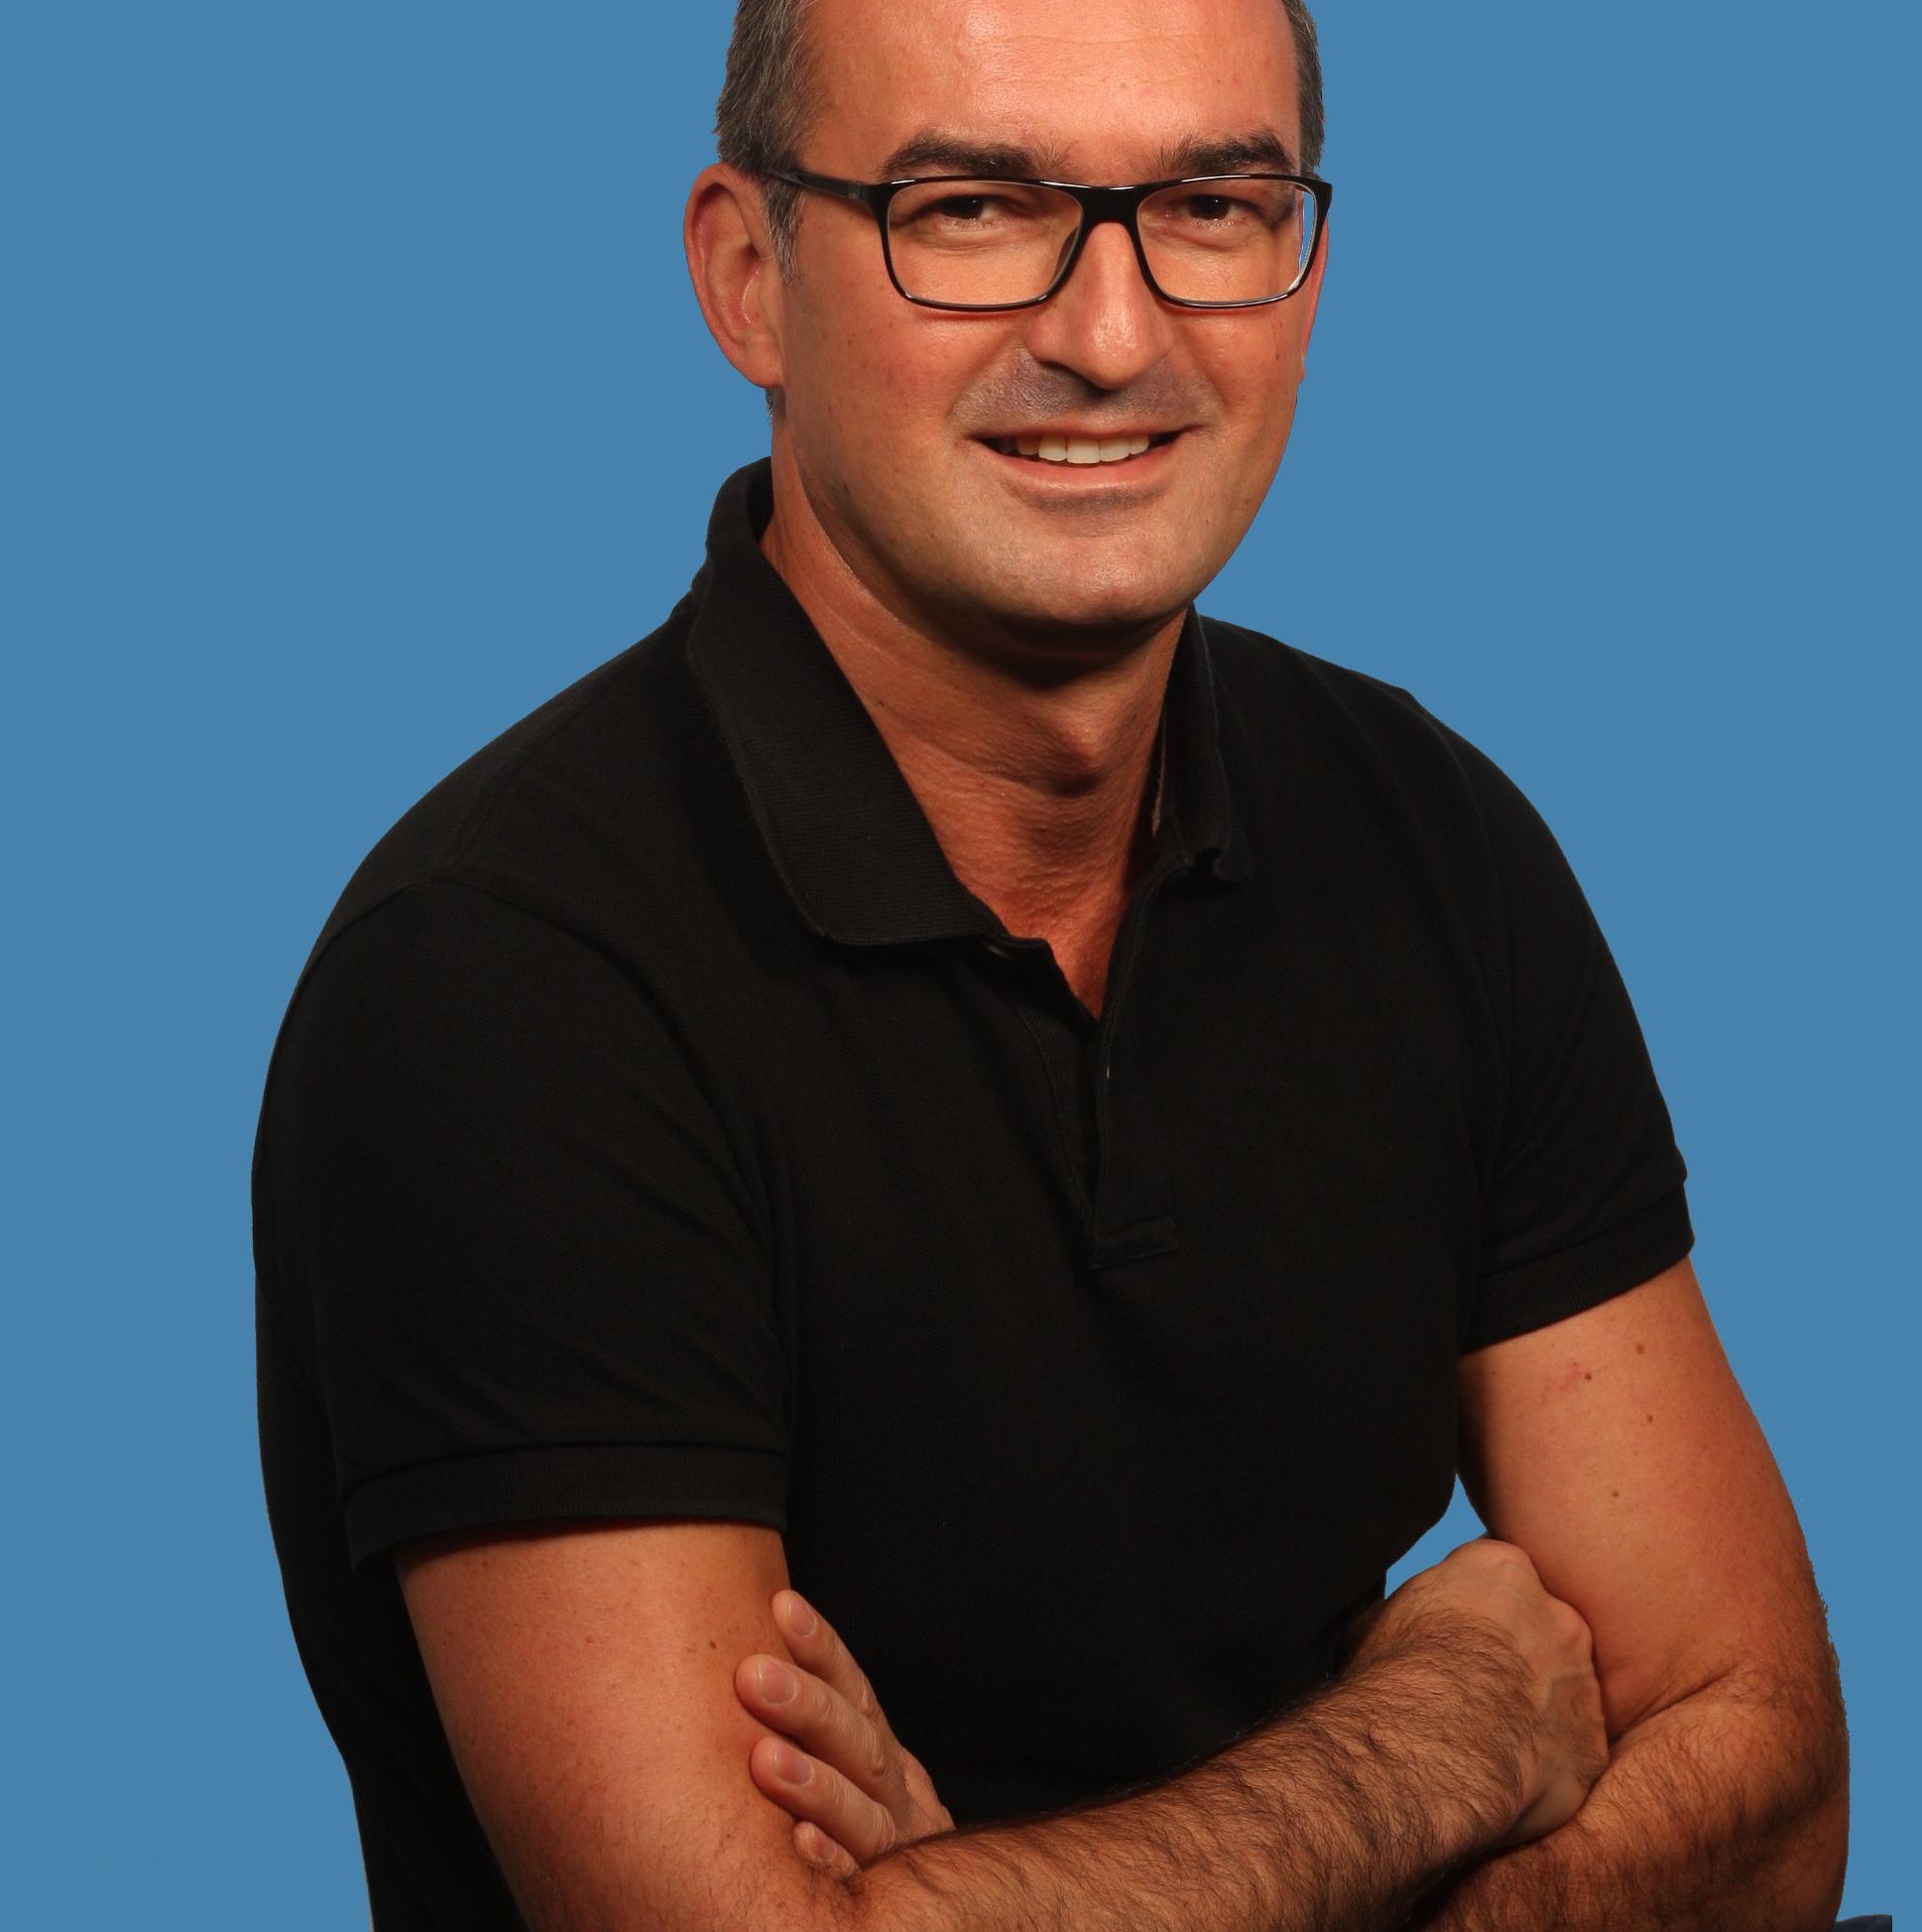 Portrait of Ralf Buschmann